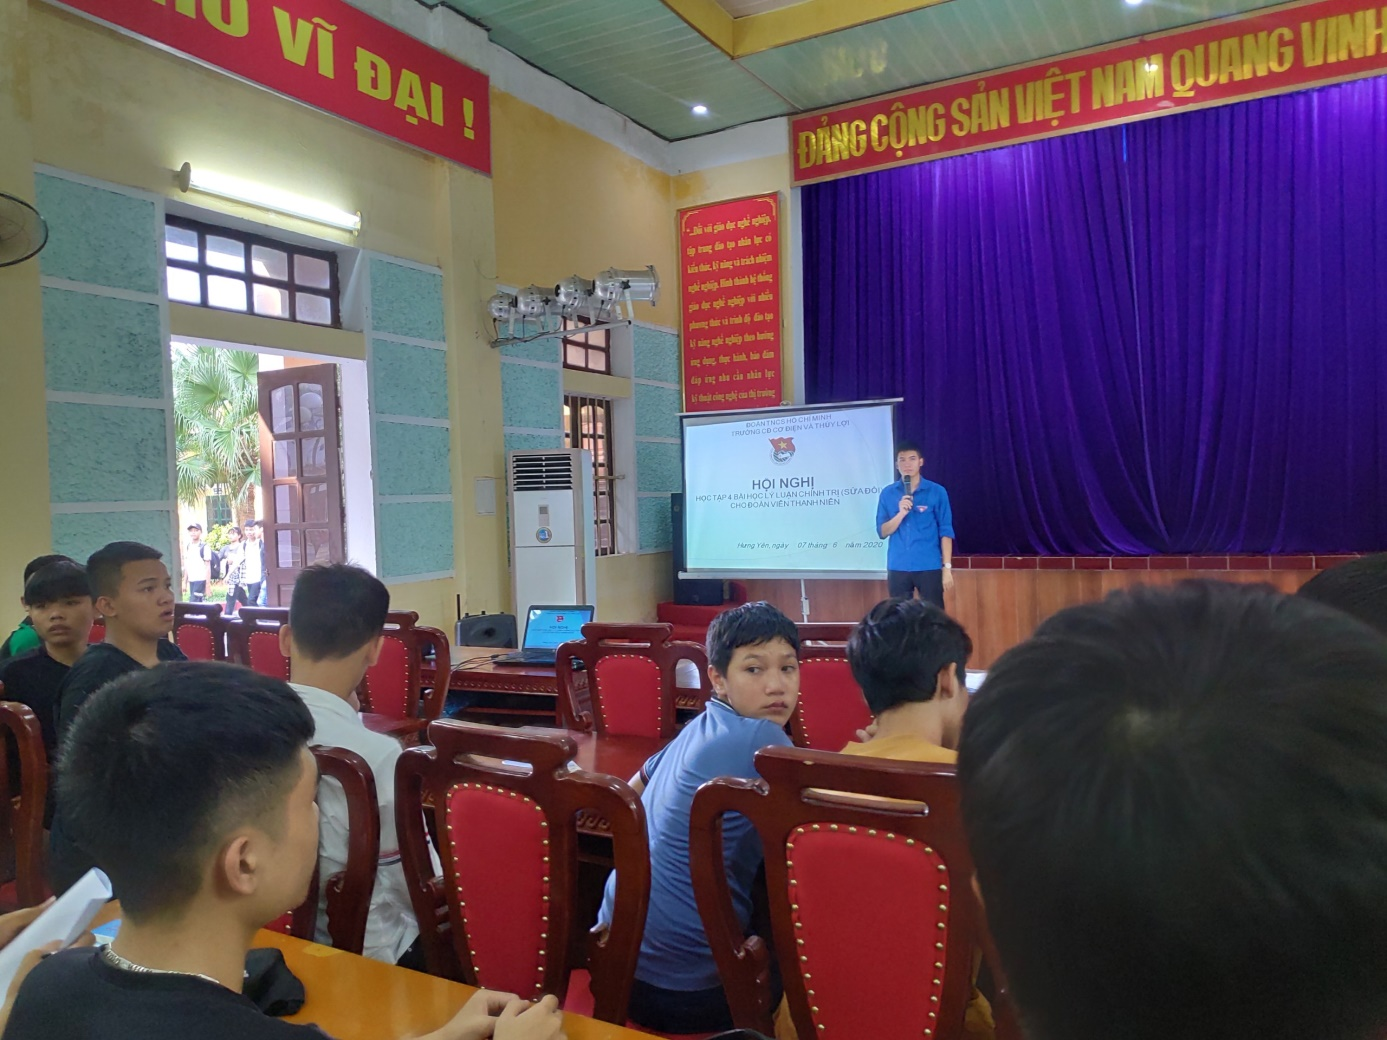 Đoàn trường Cao đẳng cơ điện Thủy lợi Hưng Yên đã tổ chức Hội nghị học tập 4 bài học lý luận chính trị (sửa đổi)